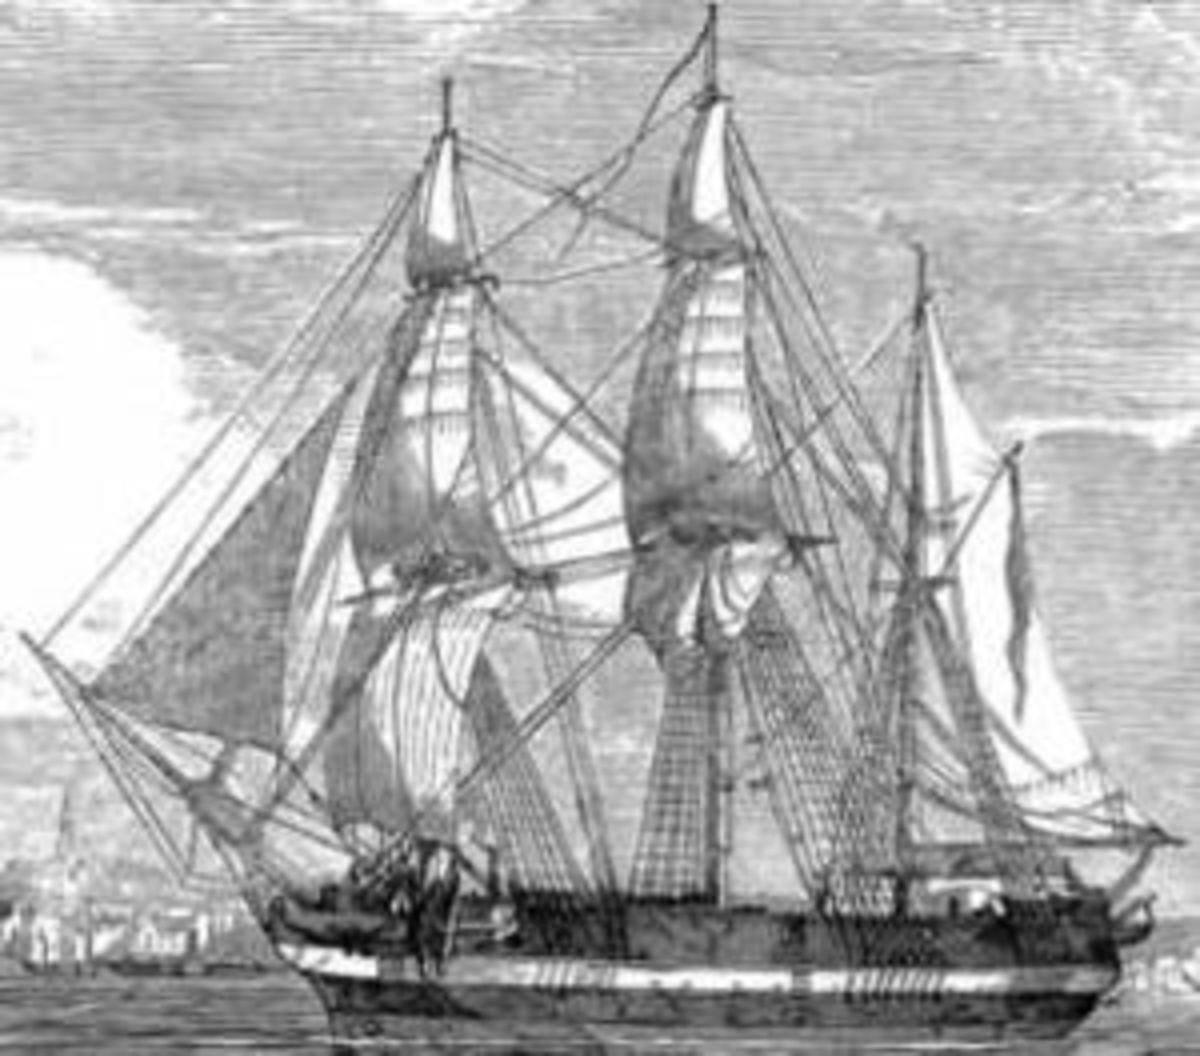 HMS Erebus.